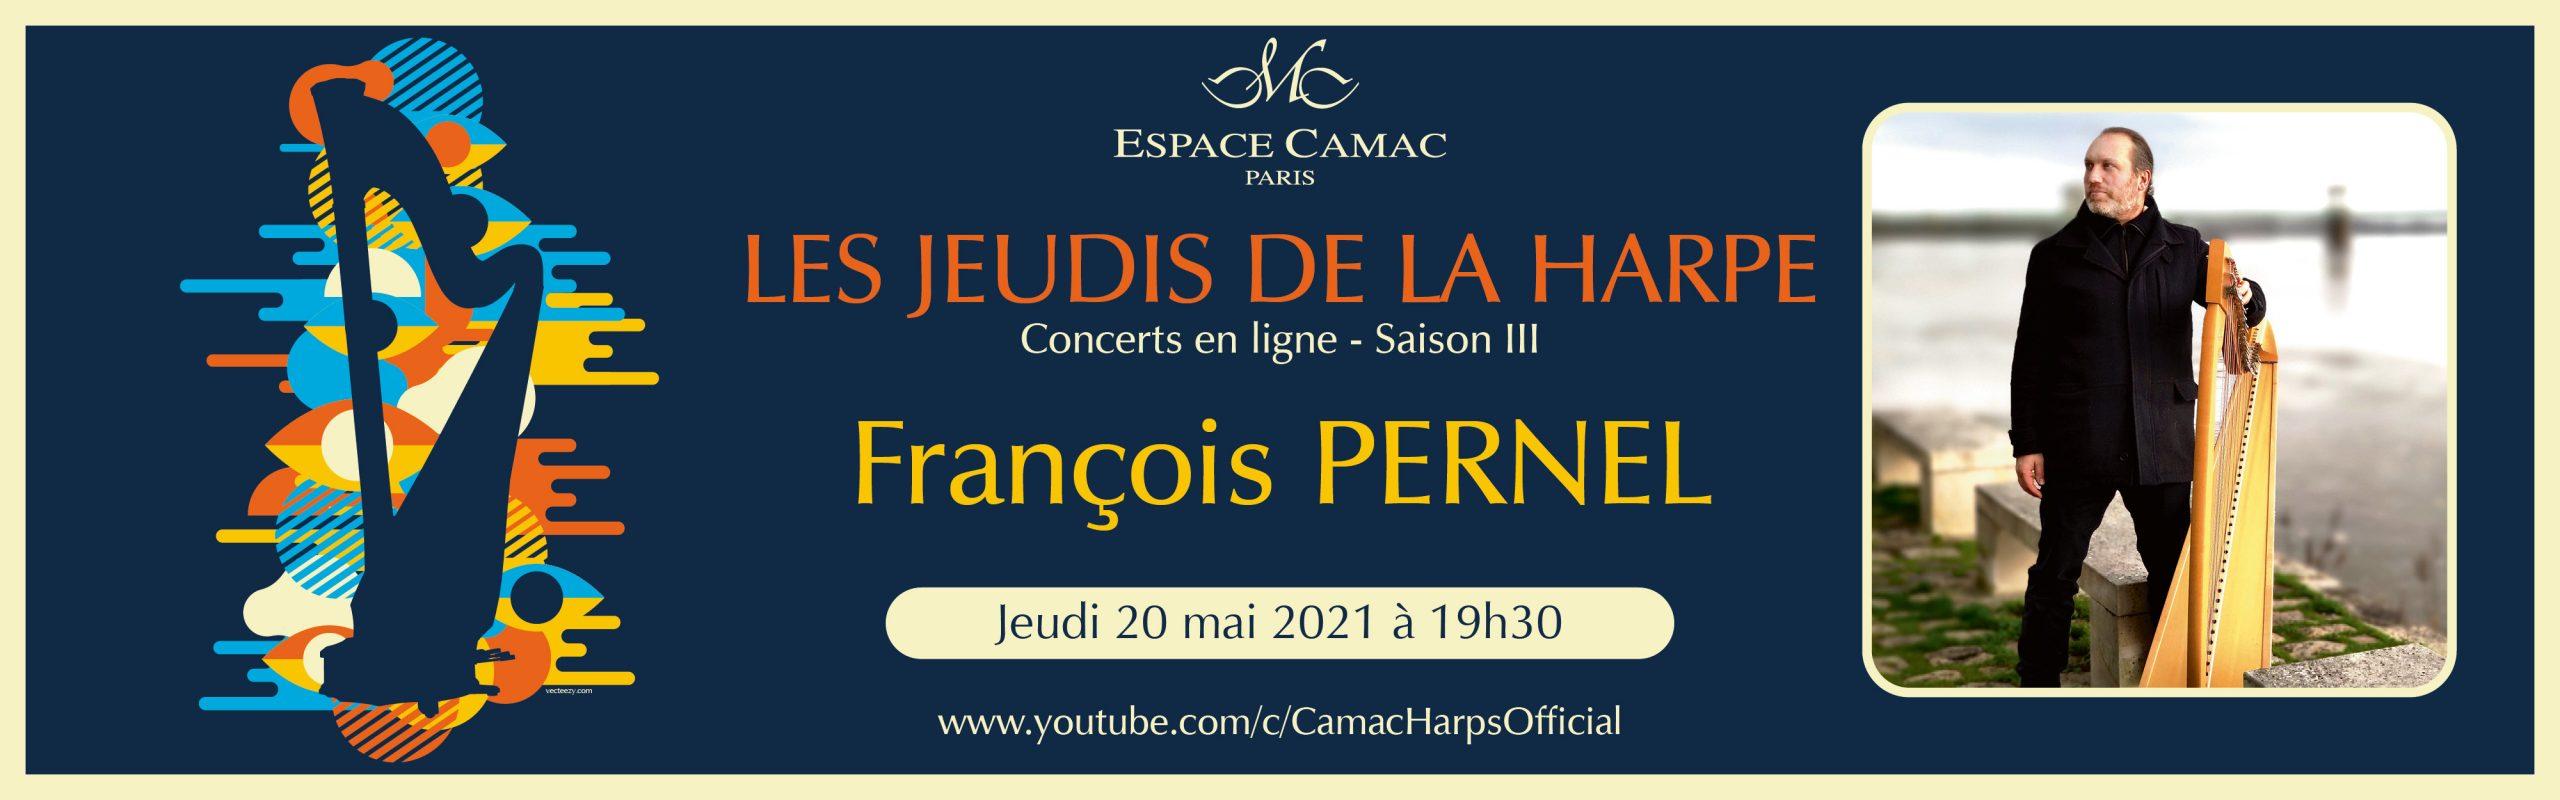 Les Jeudis de la Harpe : François Pernel